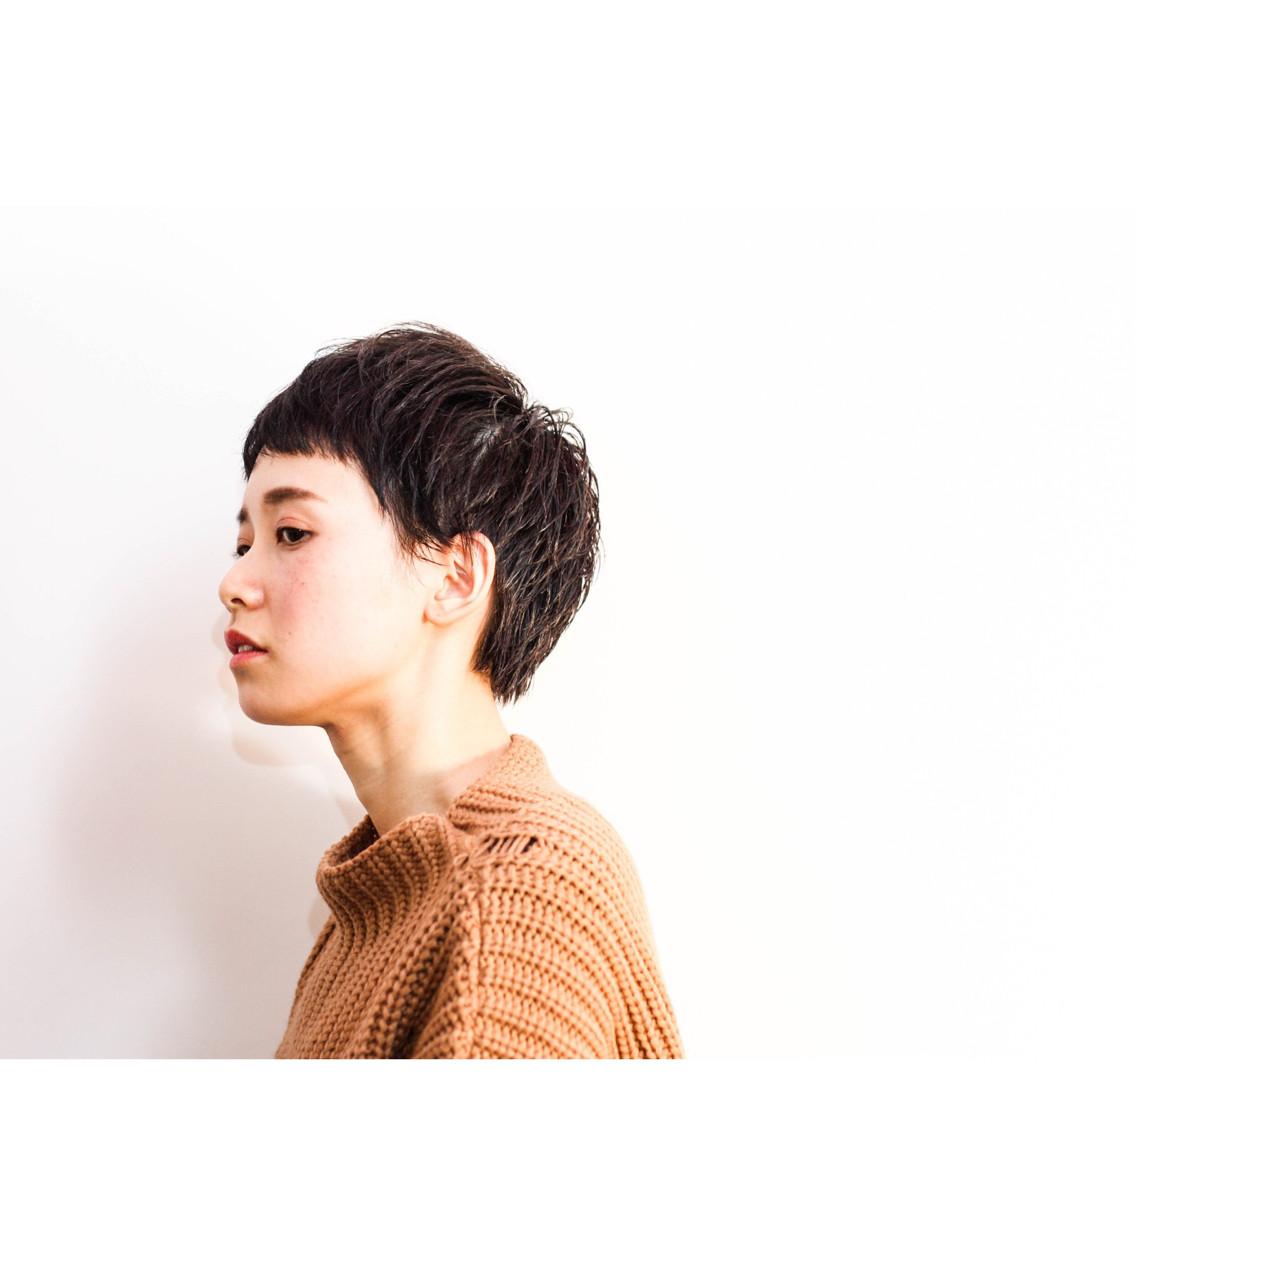 ショートバング 黒髪 ショート ベリーショート ヘアスタイルや髪型の写真・画像